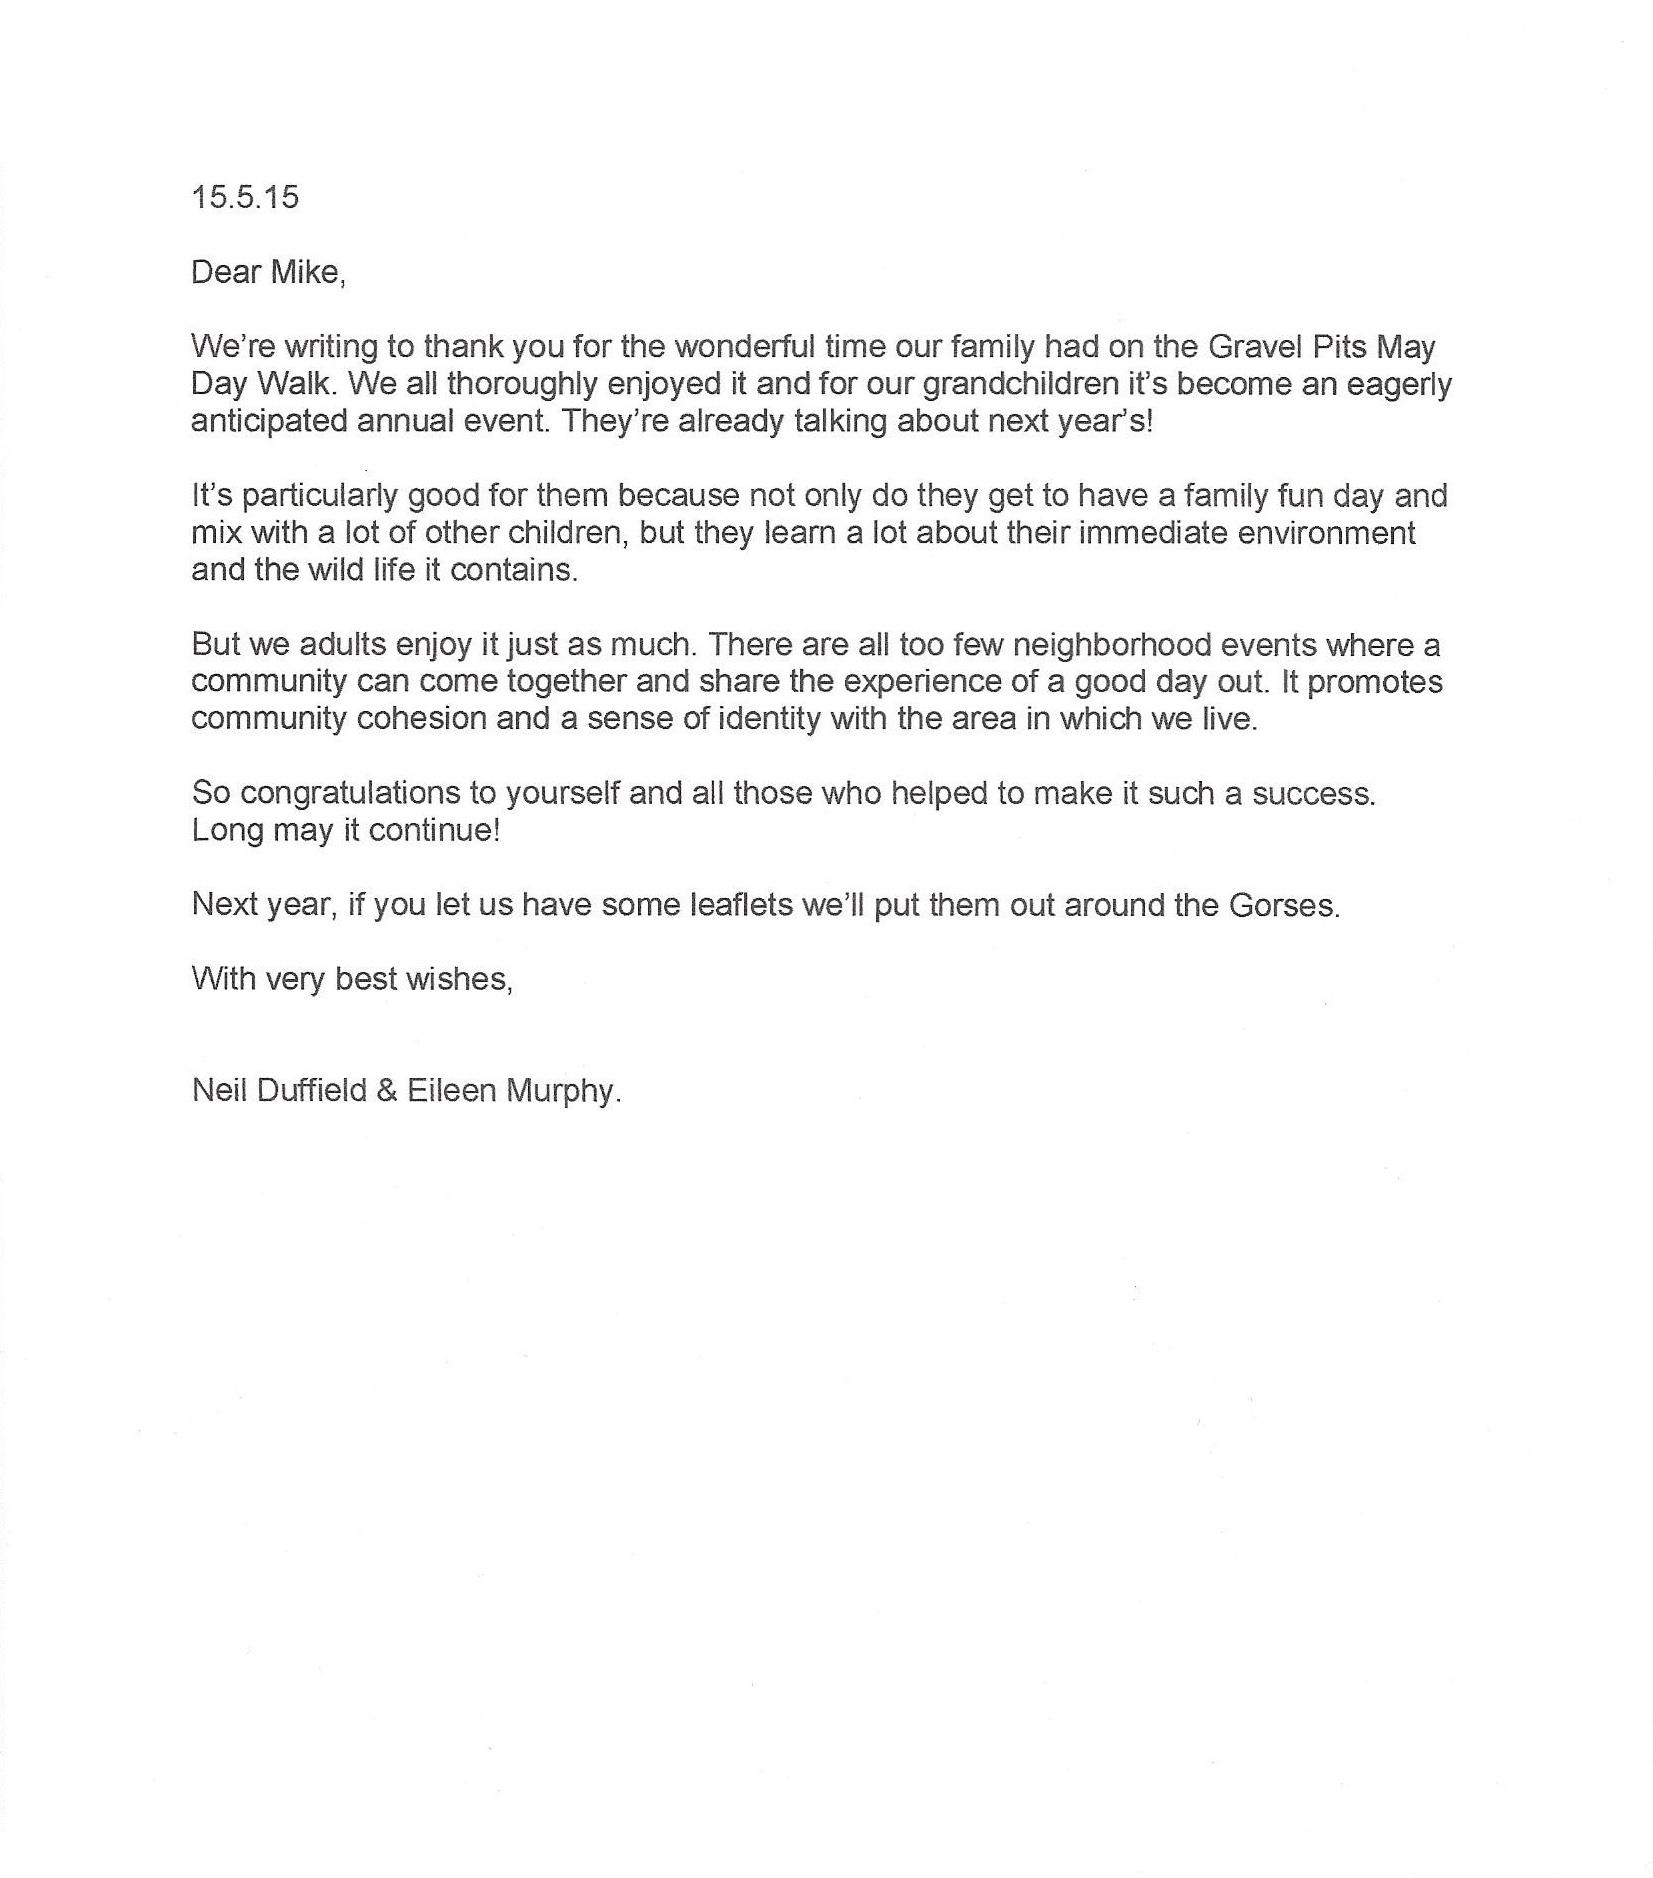 neil's letter